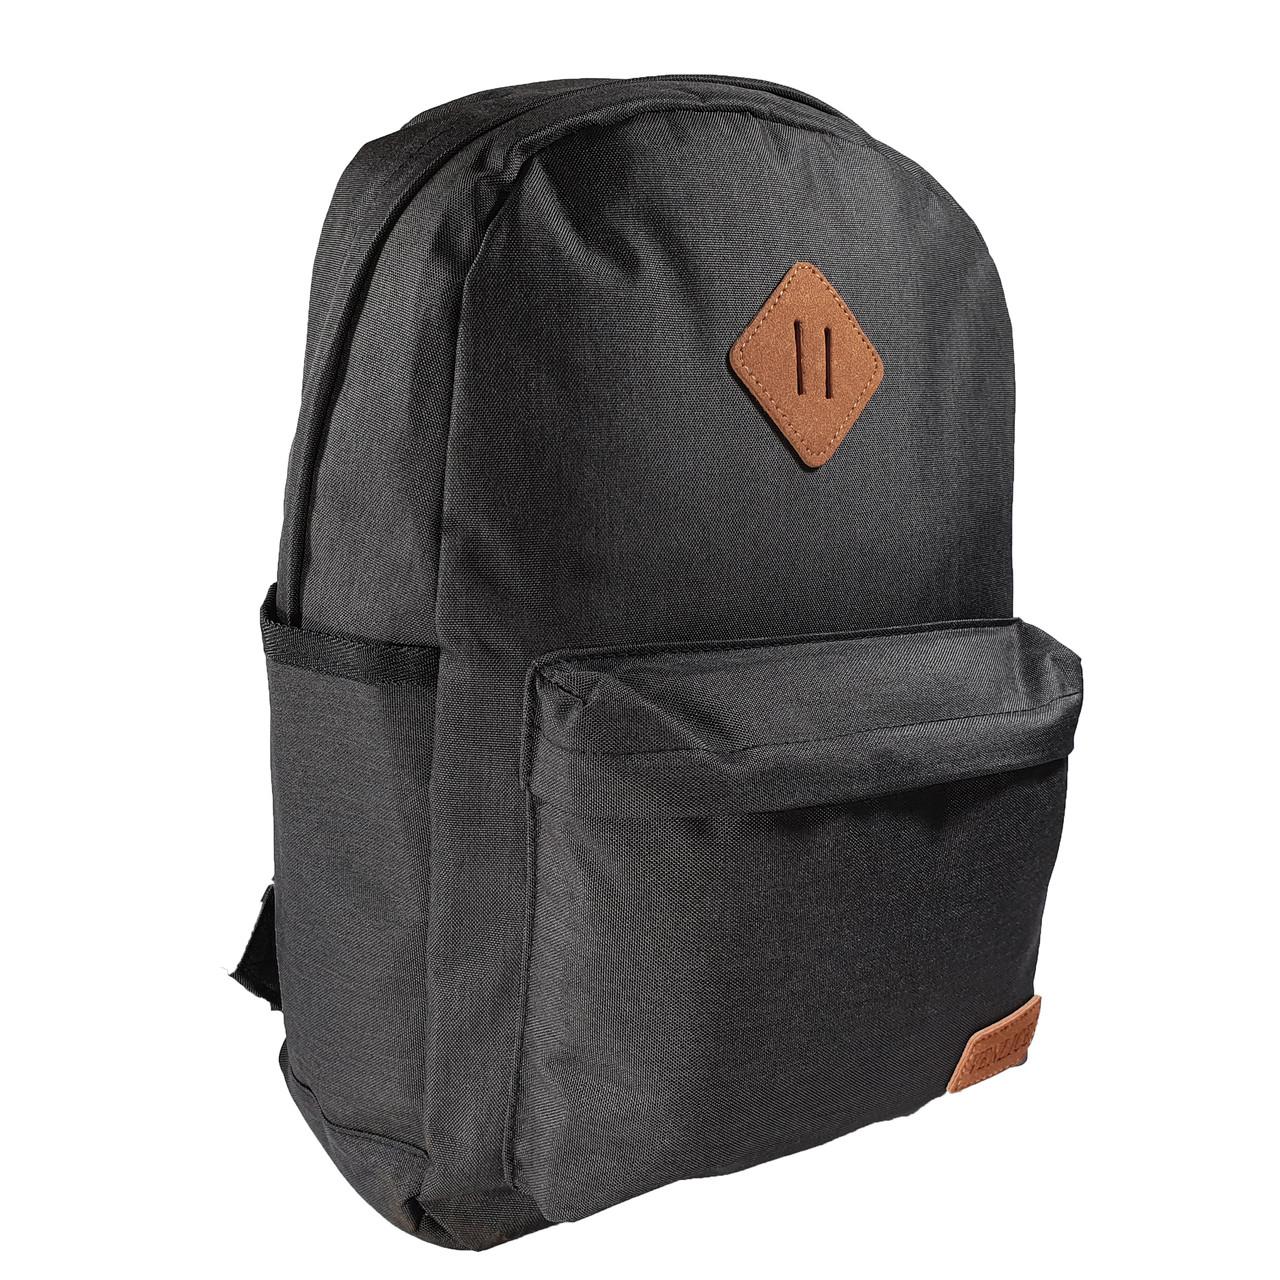 Лёгкий городской рюкзак Venlice